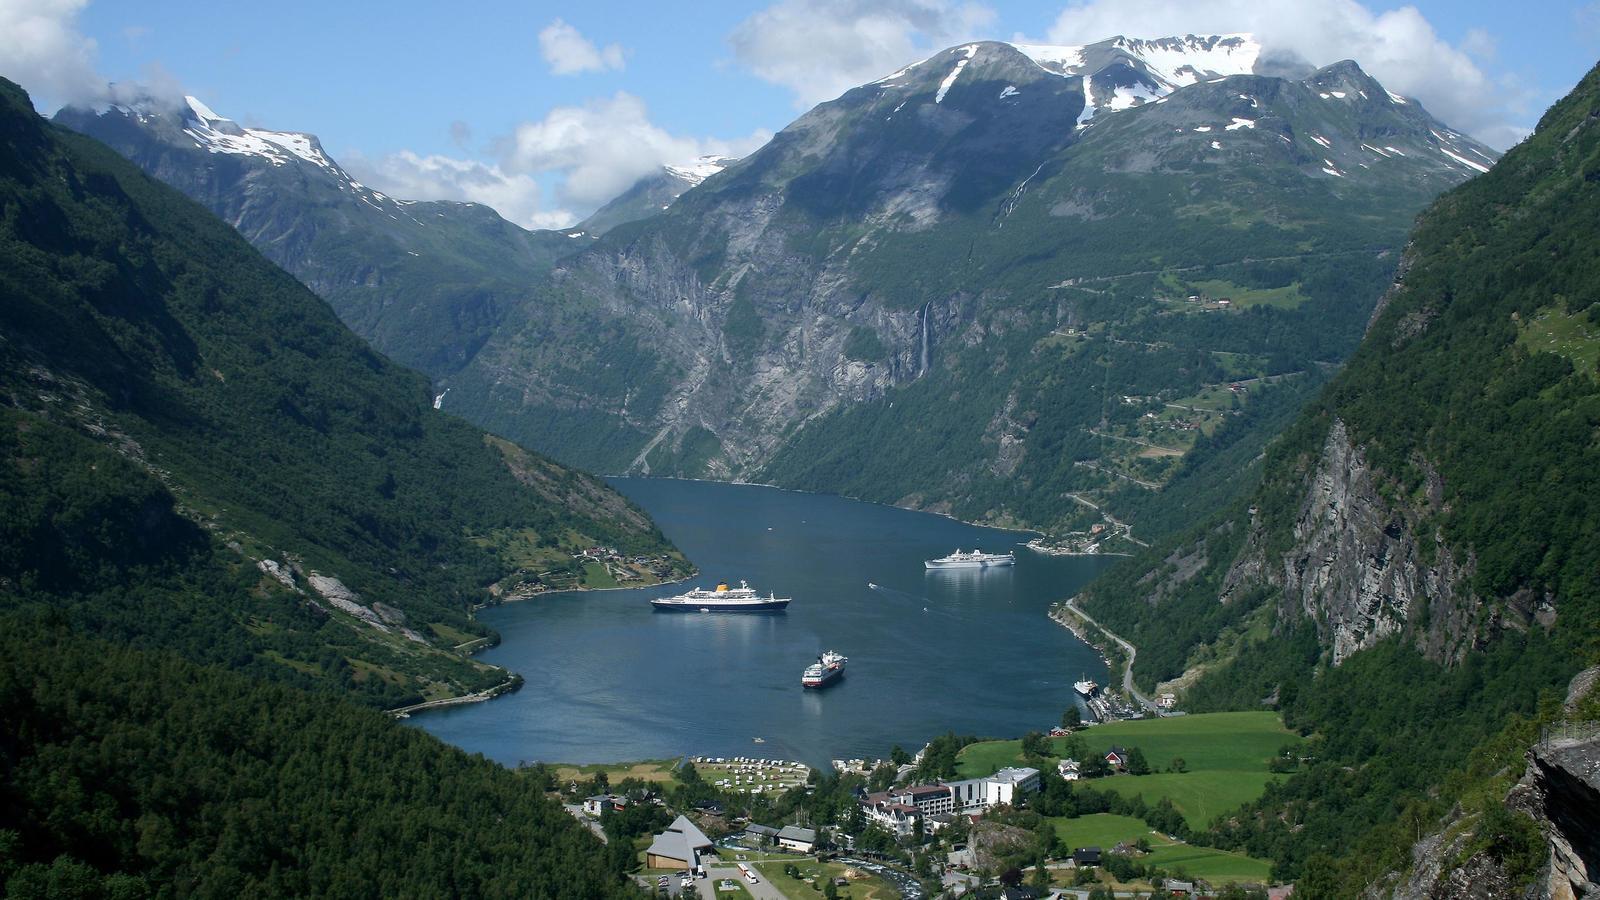 Fjord Norwegen Schiff Expedition traveljunkies